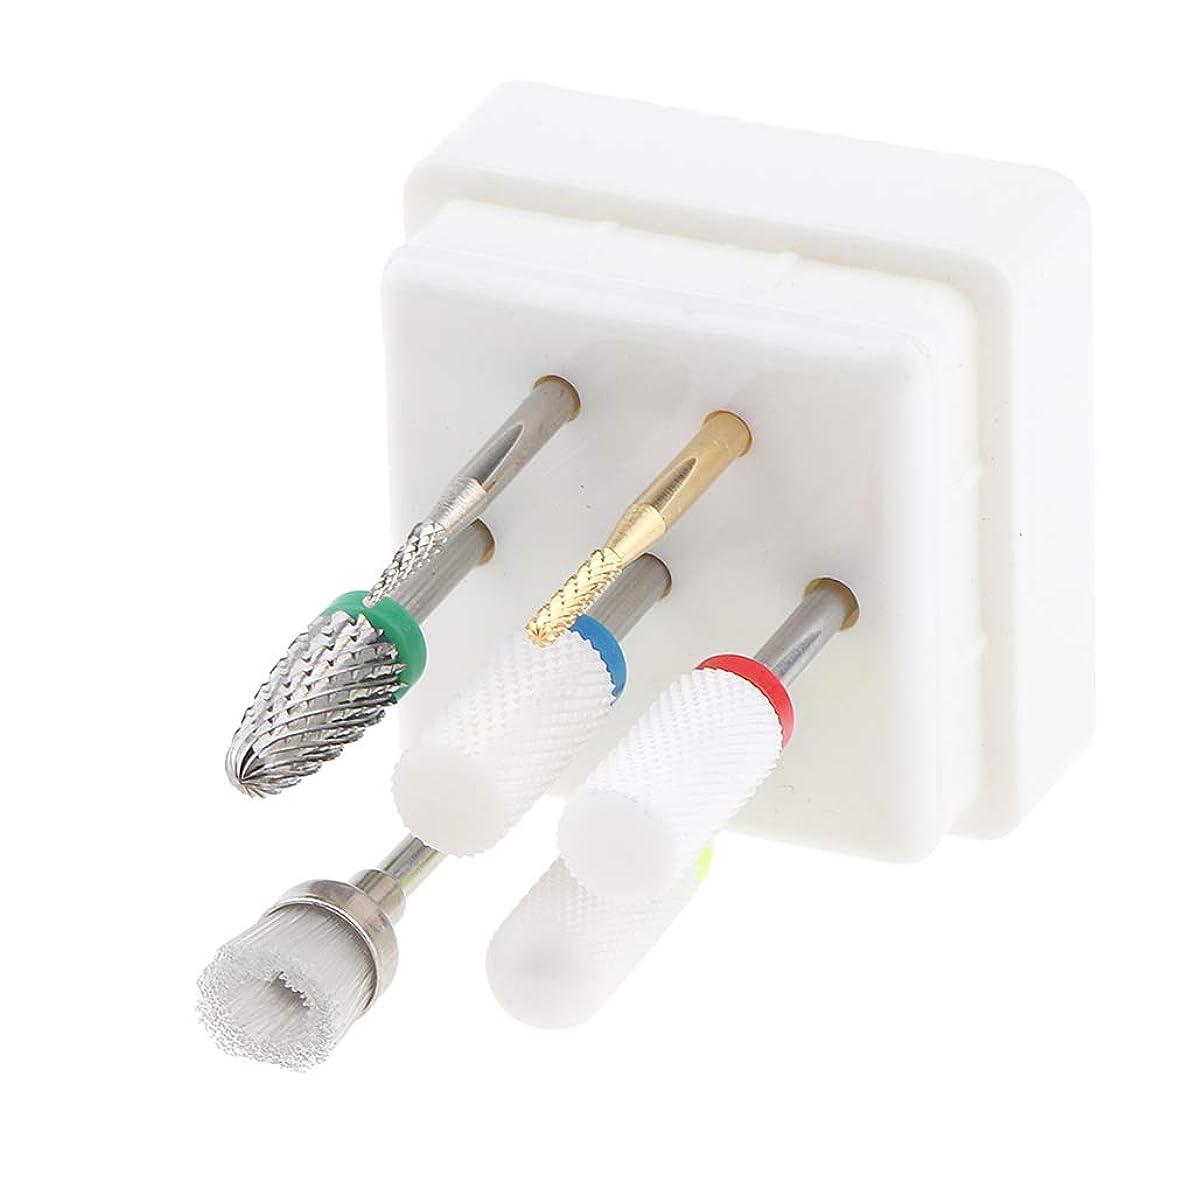 失スリップきつくF Fityle 7個入 ネイルアート 電気ドリルビット セラミック 耐久性 安全性